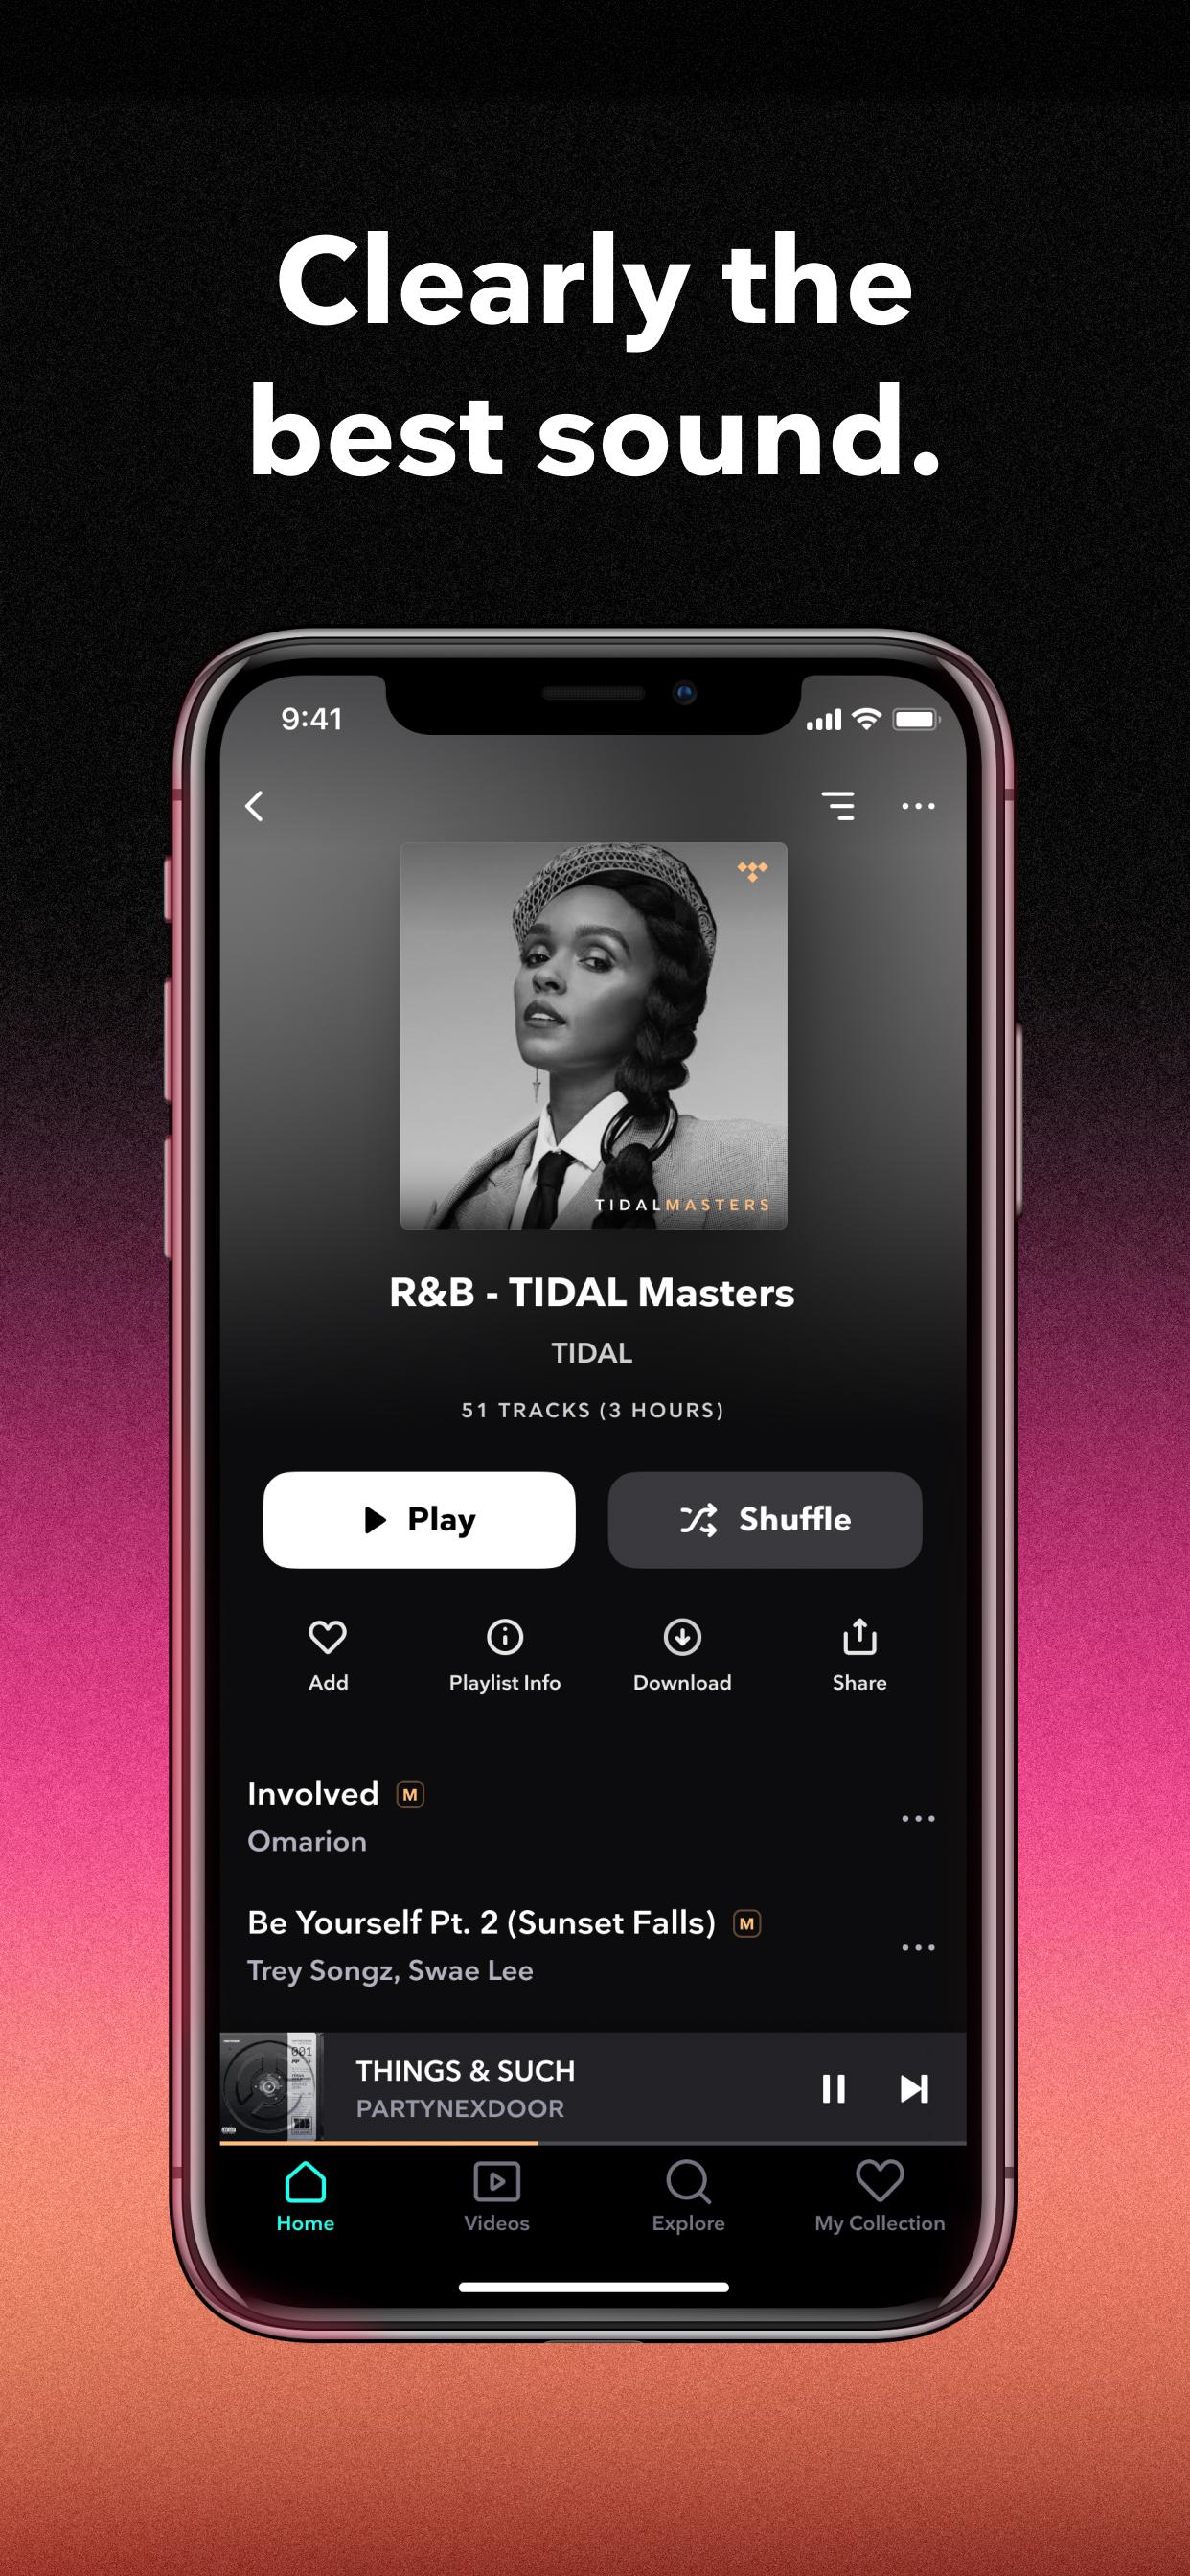 App Store screenshot 1